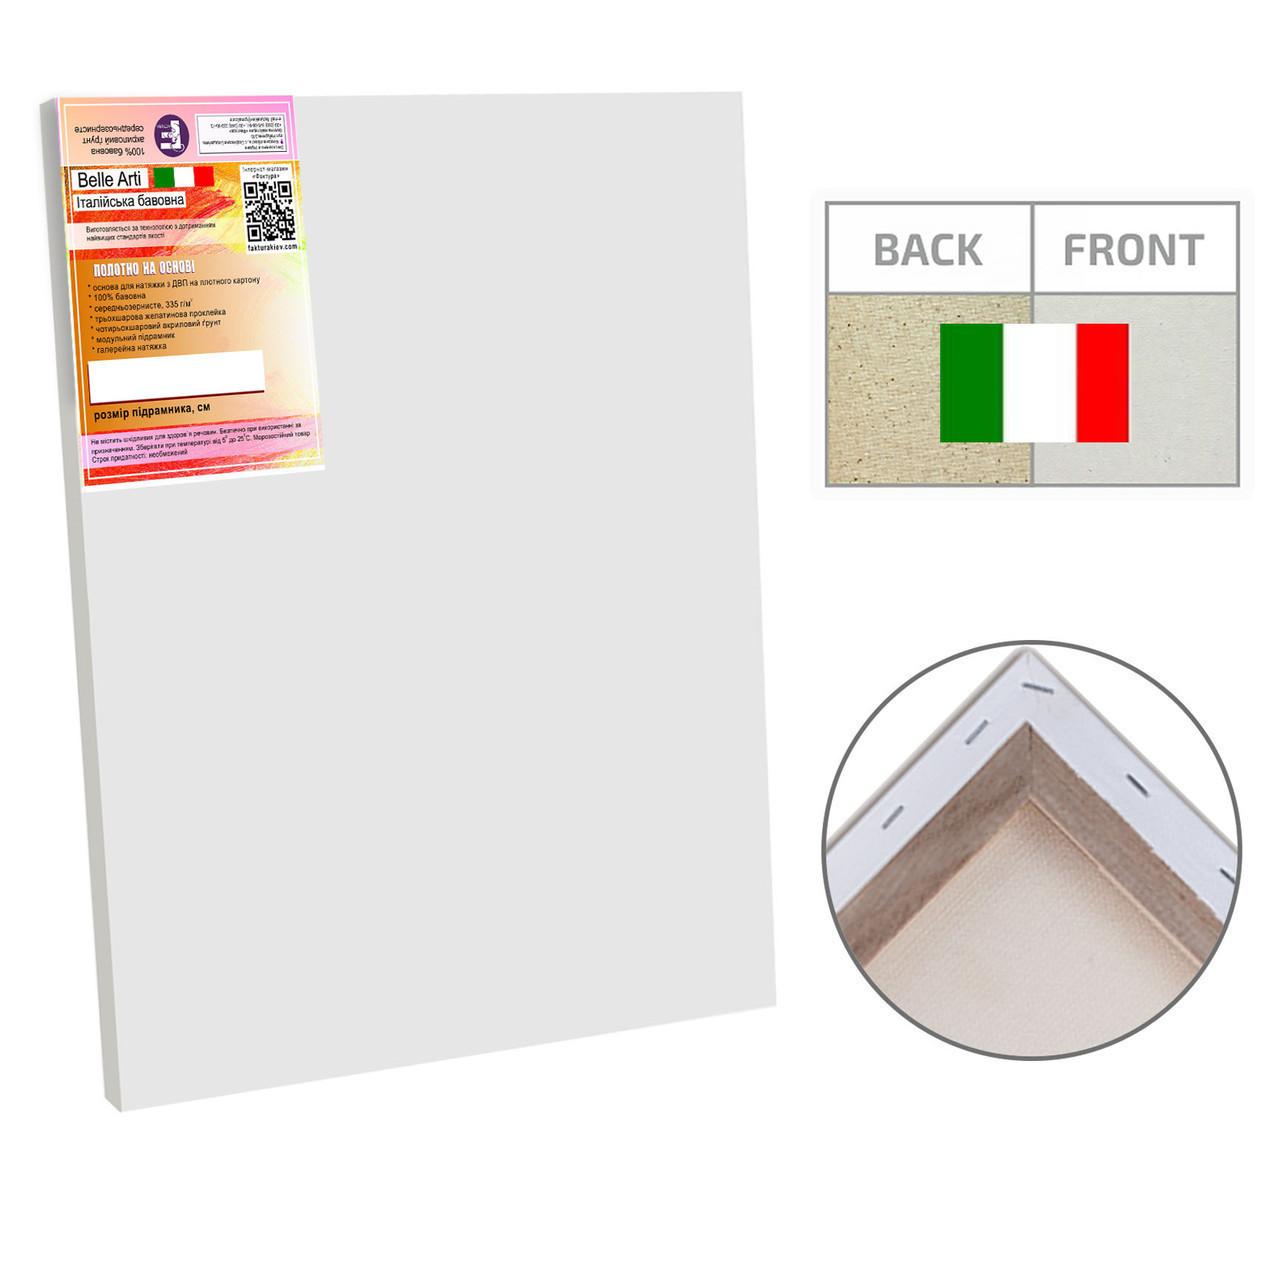 Холст на подрамнике Factura BelleArti 30х50 см Итальянский хлопок 285 грамм кв.м. среднее зерно белый, фото 1